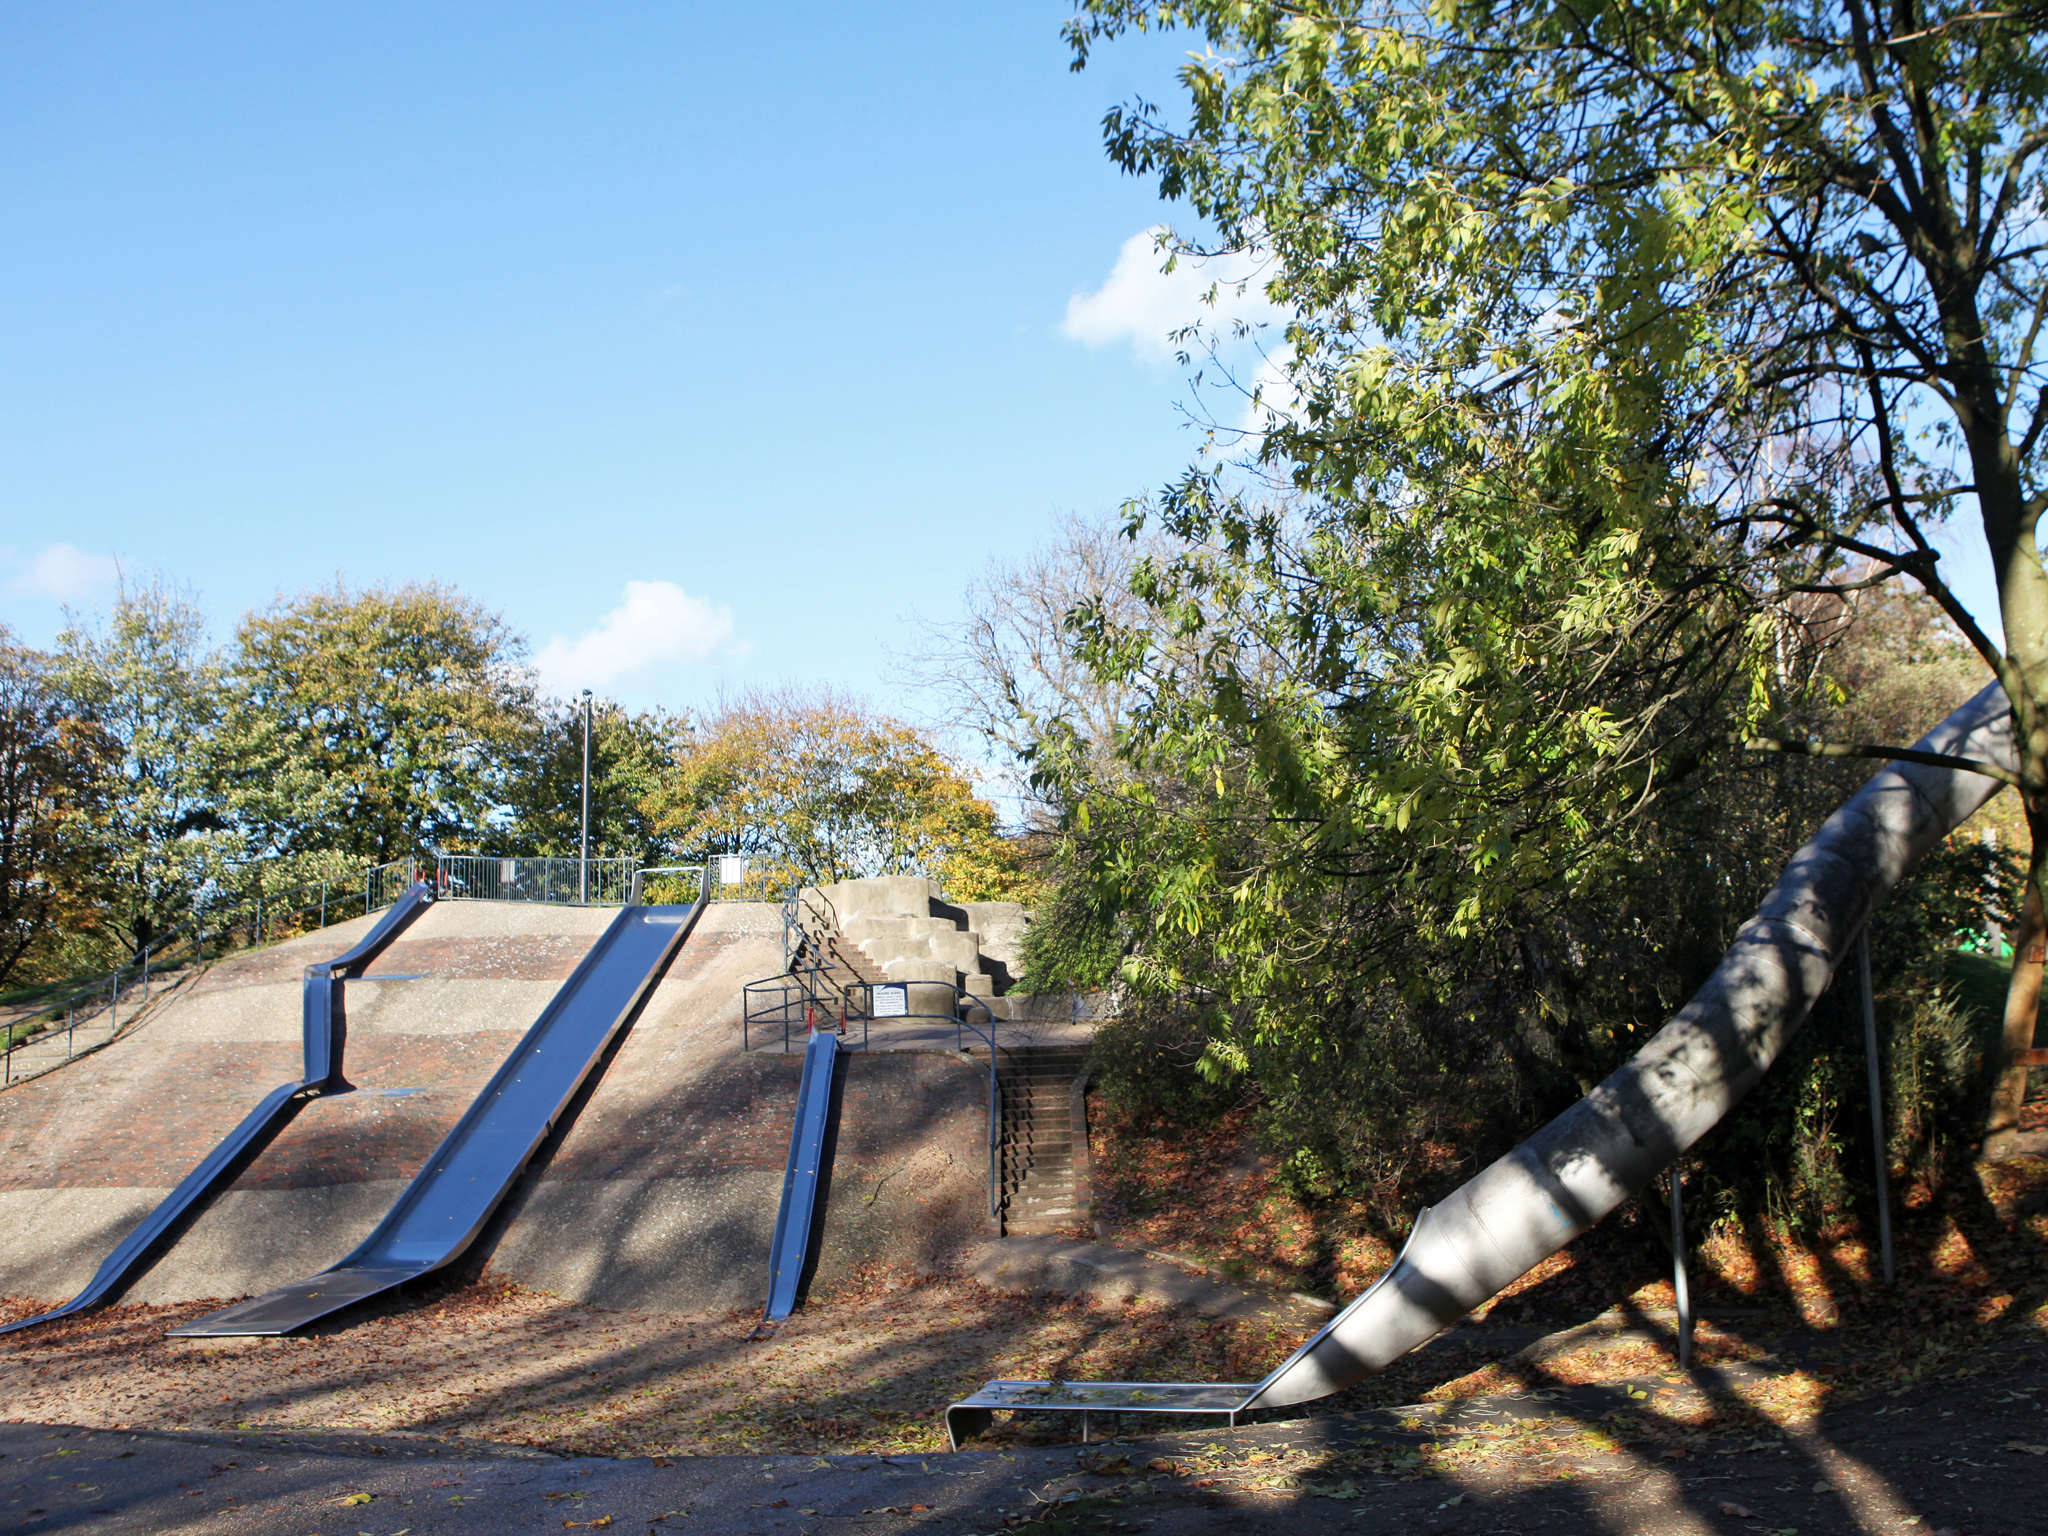 London's best parks